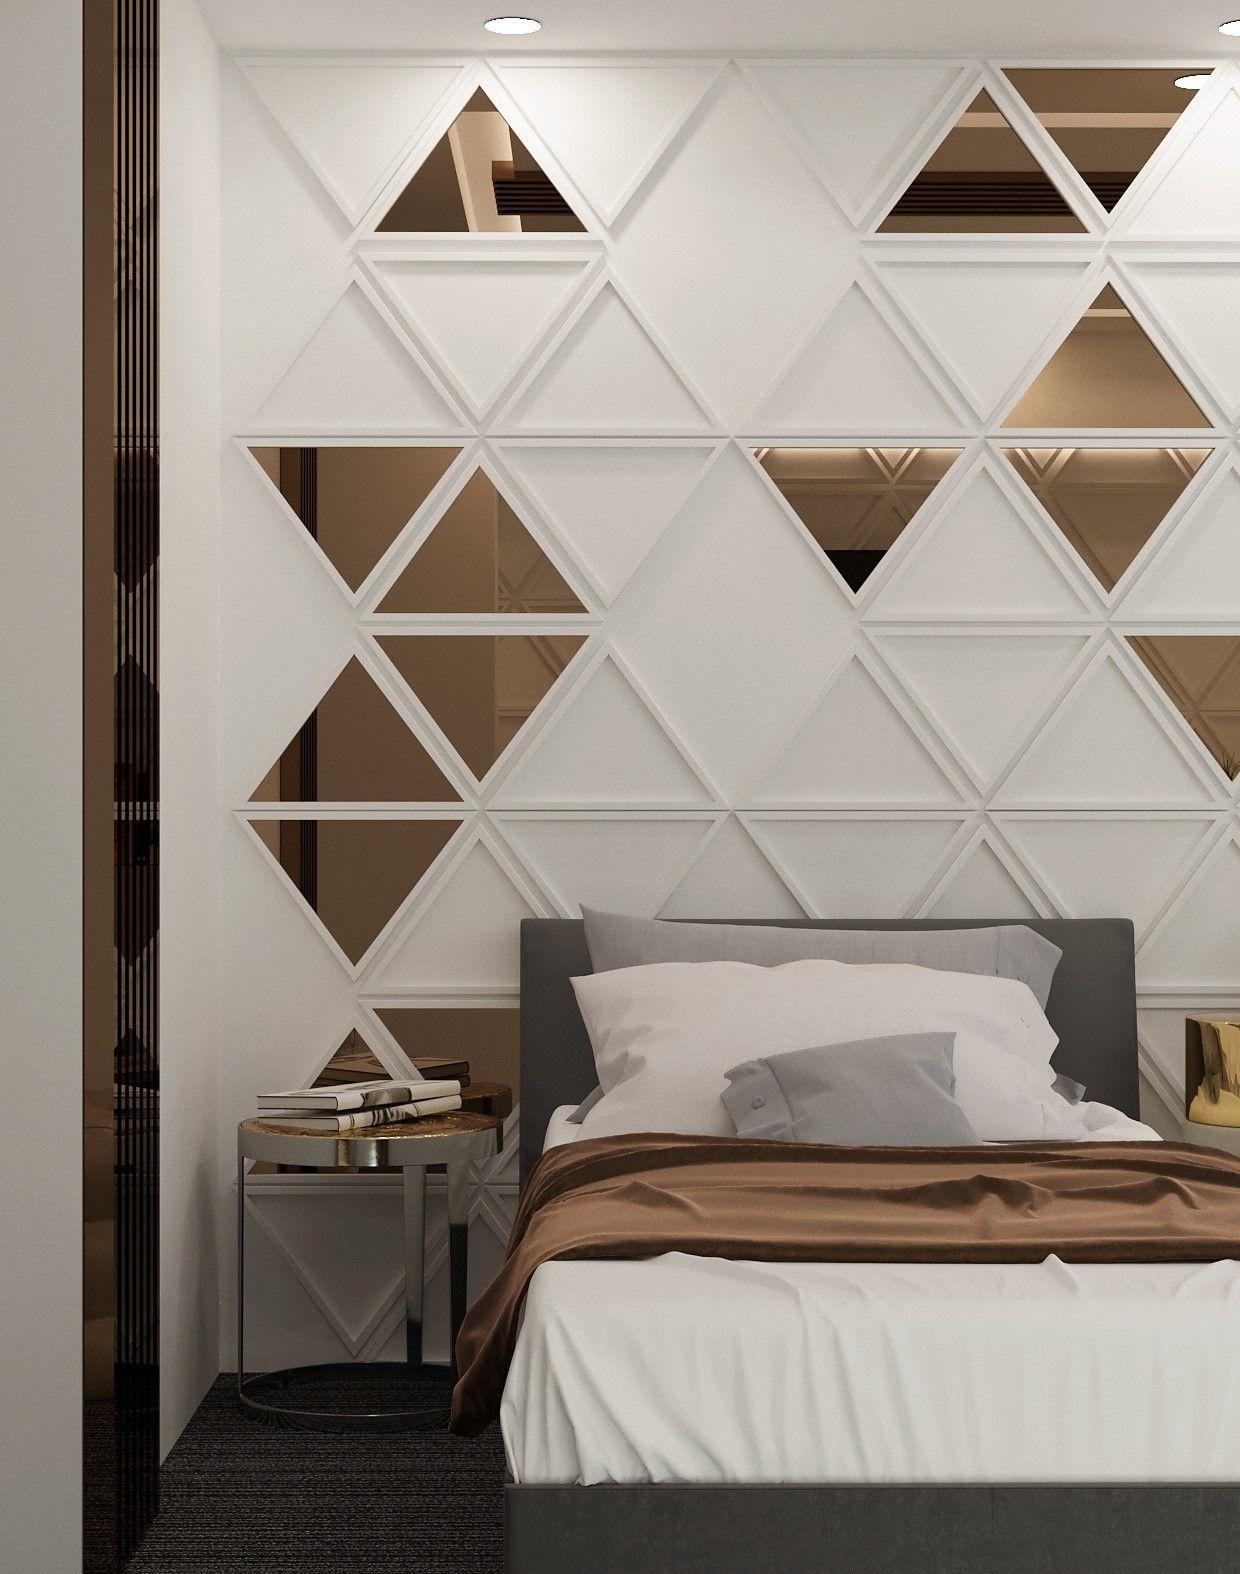 Bedroom Design Bedroom Idea Bedroom Interior Bedroom Inspiration Bedroom Ideyi Dlya Spalni Interior Design Bedroom Bedroom Interior Modern Bedroom Design Bedroom interior wall design